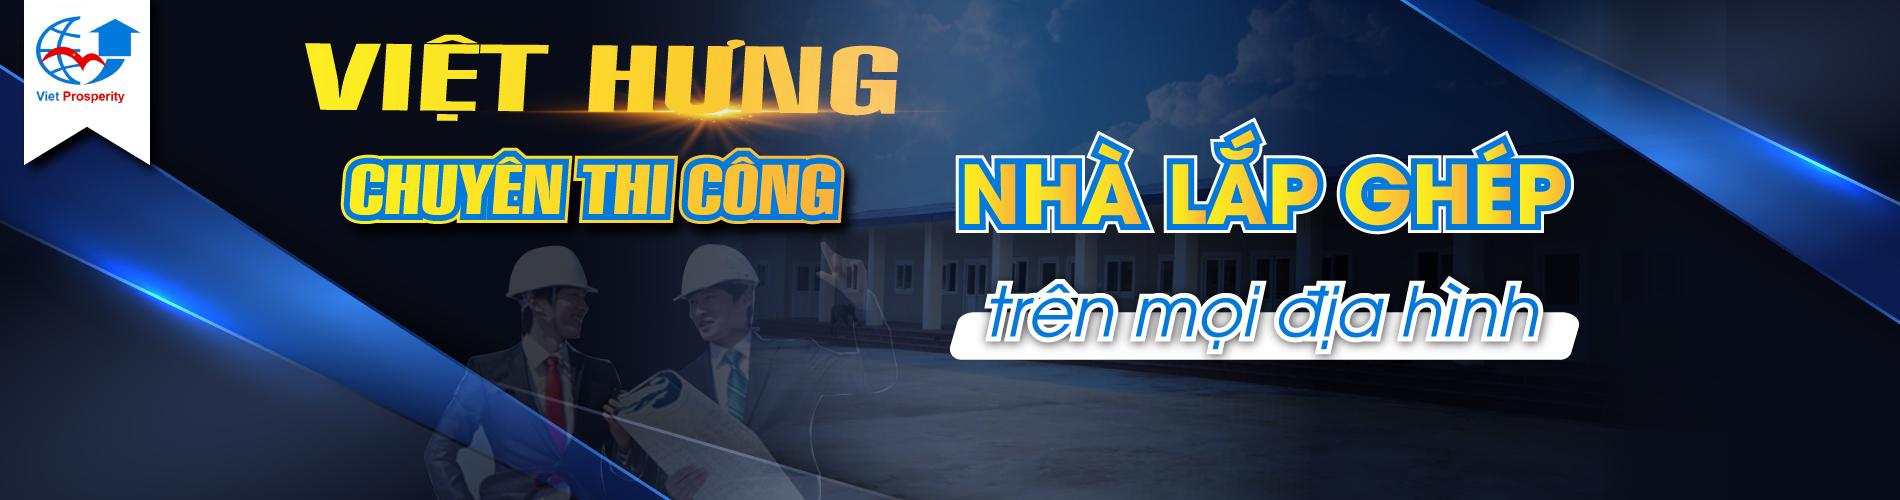 nha-lap-ghep-banner